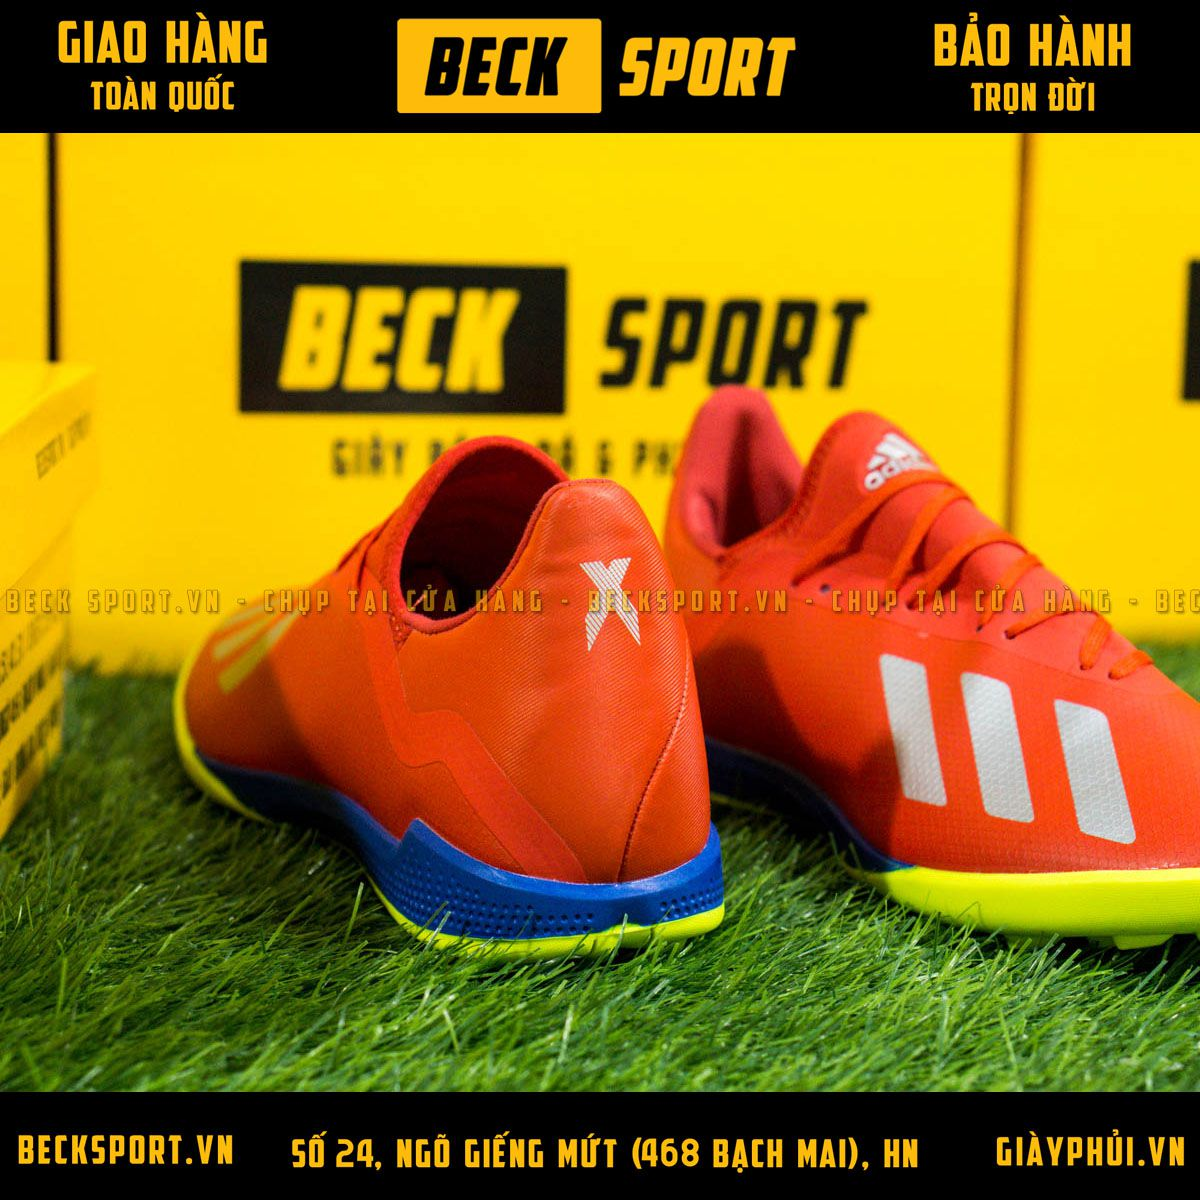 Giày Bóng Đá Adidas X 18.3 Đỏ Vạch Bạc Đế Chuối TF